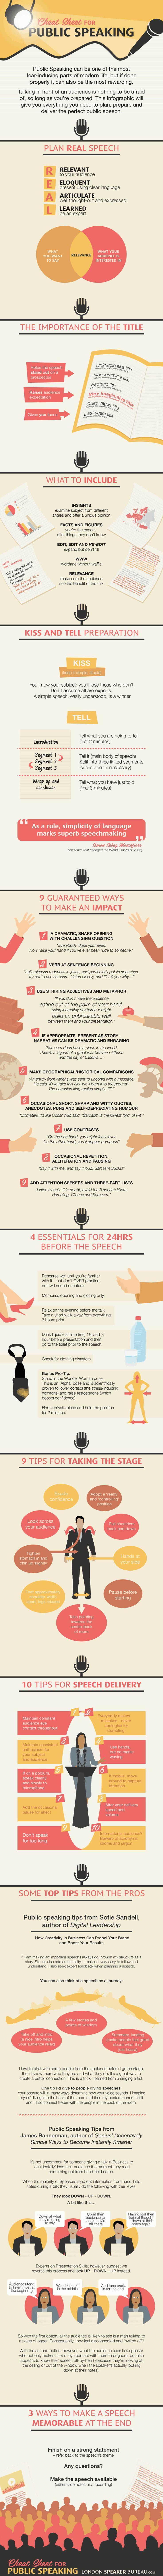 37 Impressive Public-SpeakingTips #Infographic